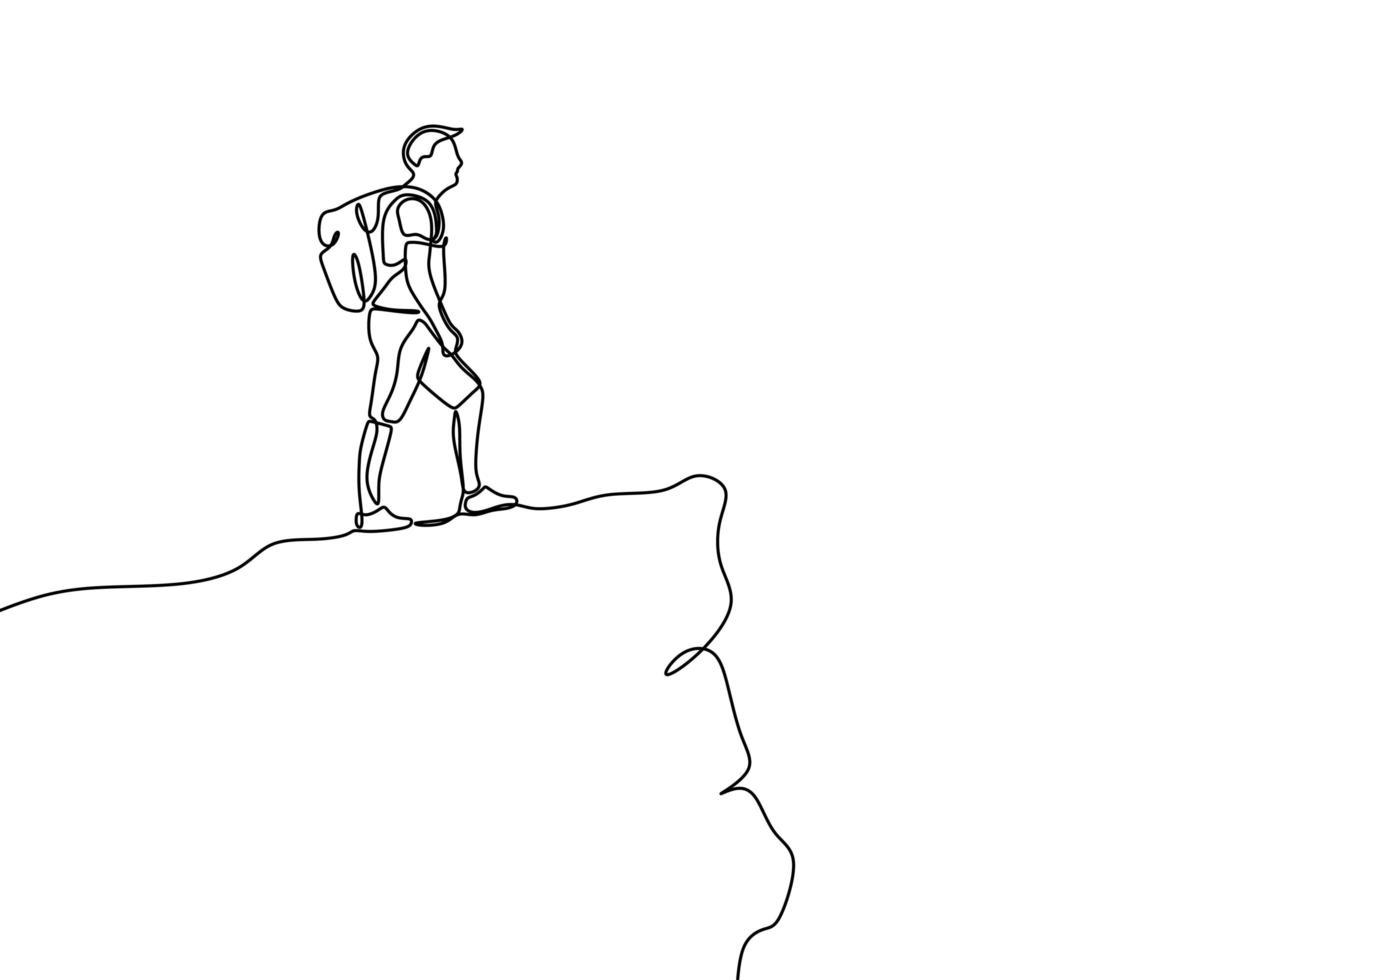 un dessin au trait d'une personne regardant le sommet du pic de la montagne rocheuse. illustration vectorielle de victoire symbole. vecteur